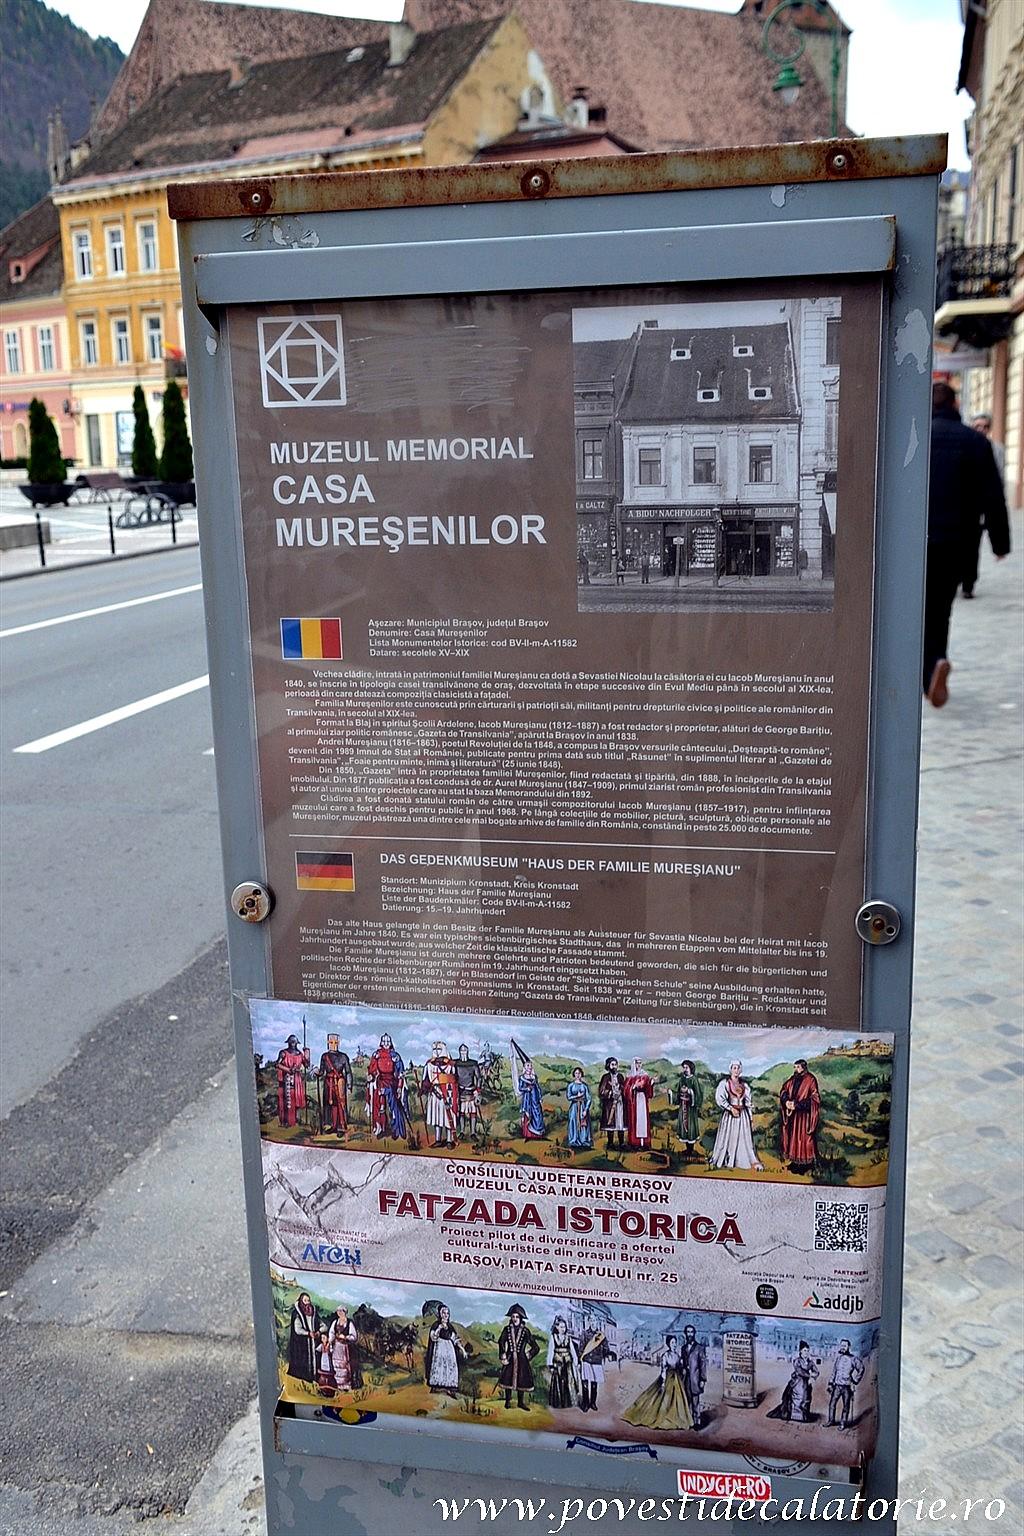 Fatzada Istorica (14)